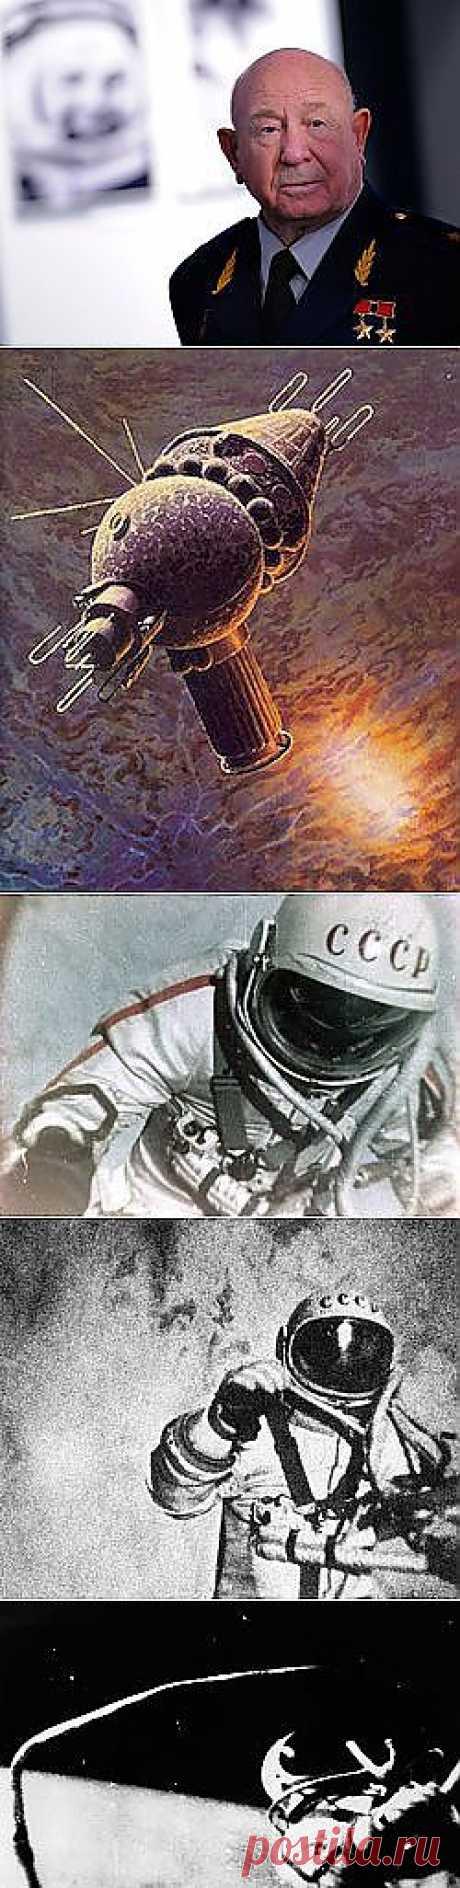 Первый в открытом космосе!   НАУКА И ЖИЗНЬ   апельсин   Кстати , это мой земляк !